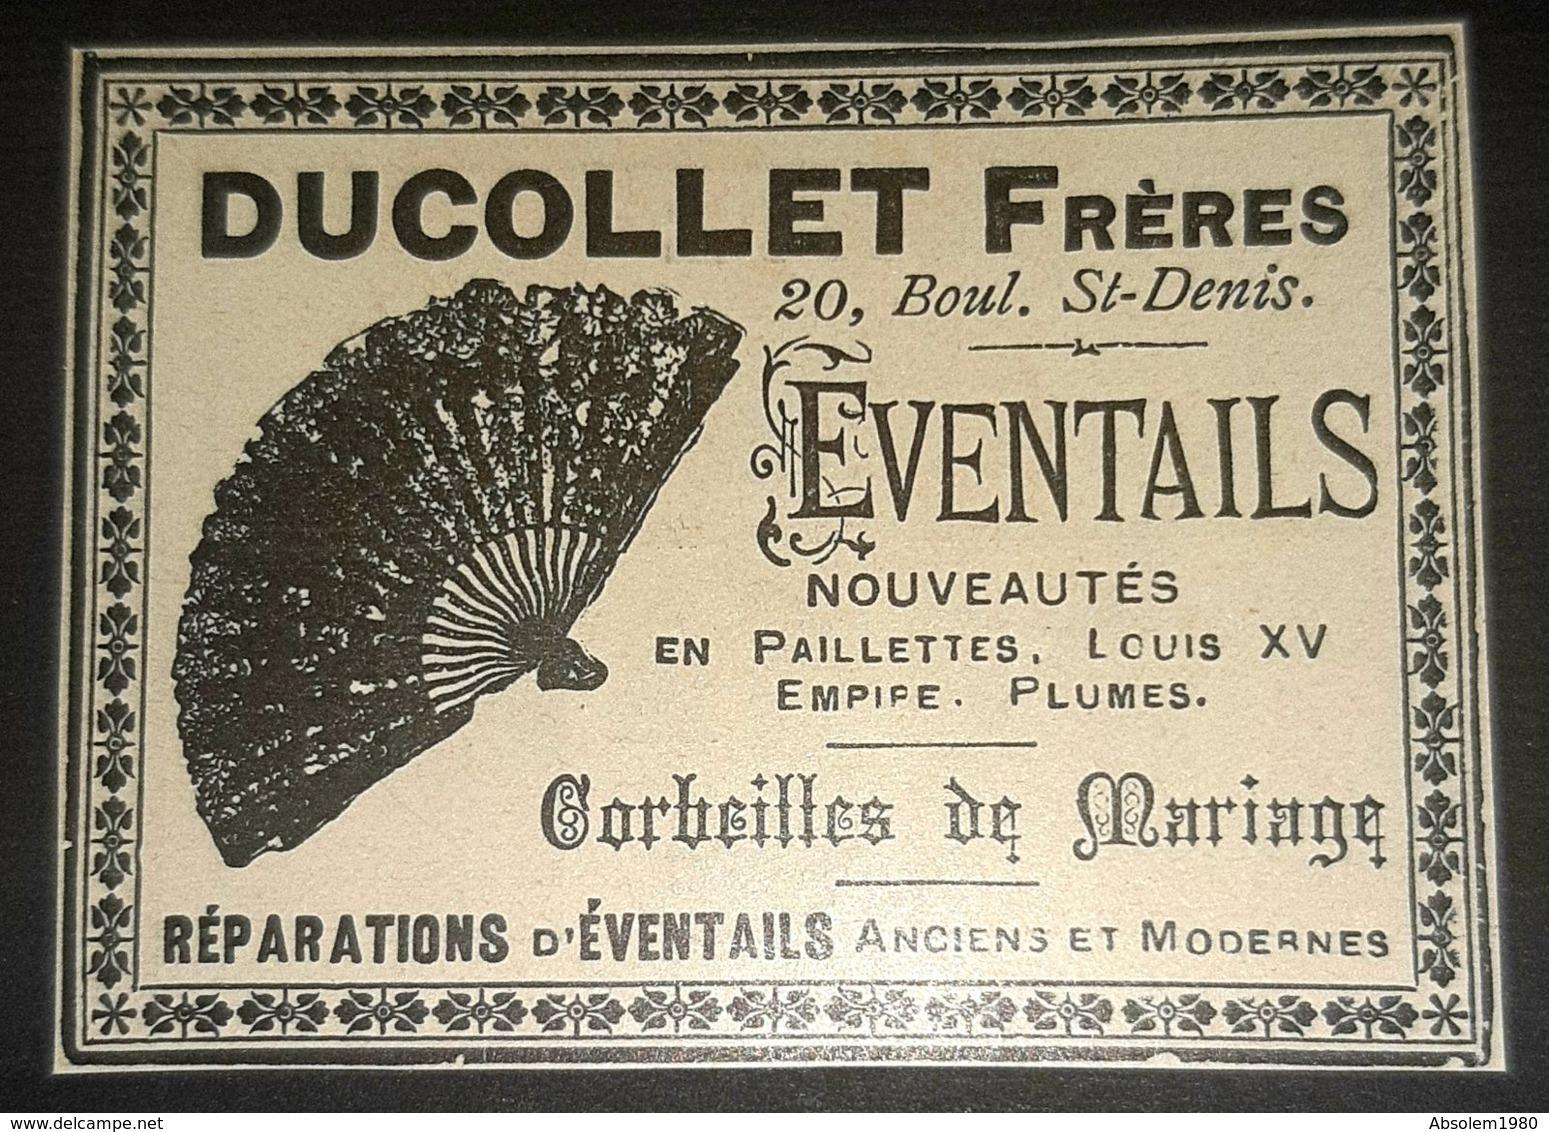 1897 DUCOLLET FRERES EVENTAIL PAILLETTES LOUIS XV EMPIPE PLUMES PUBLICITE ANCIENNE EVENTAILS ANTIQUE FAN ADVERSTISING - Publicités